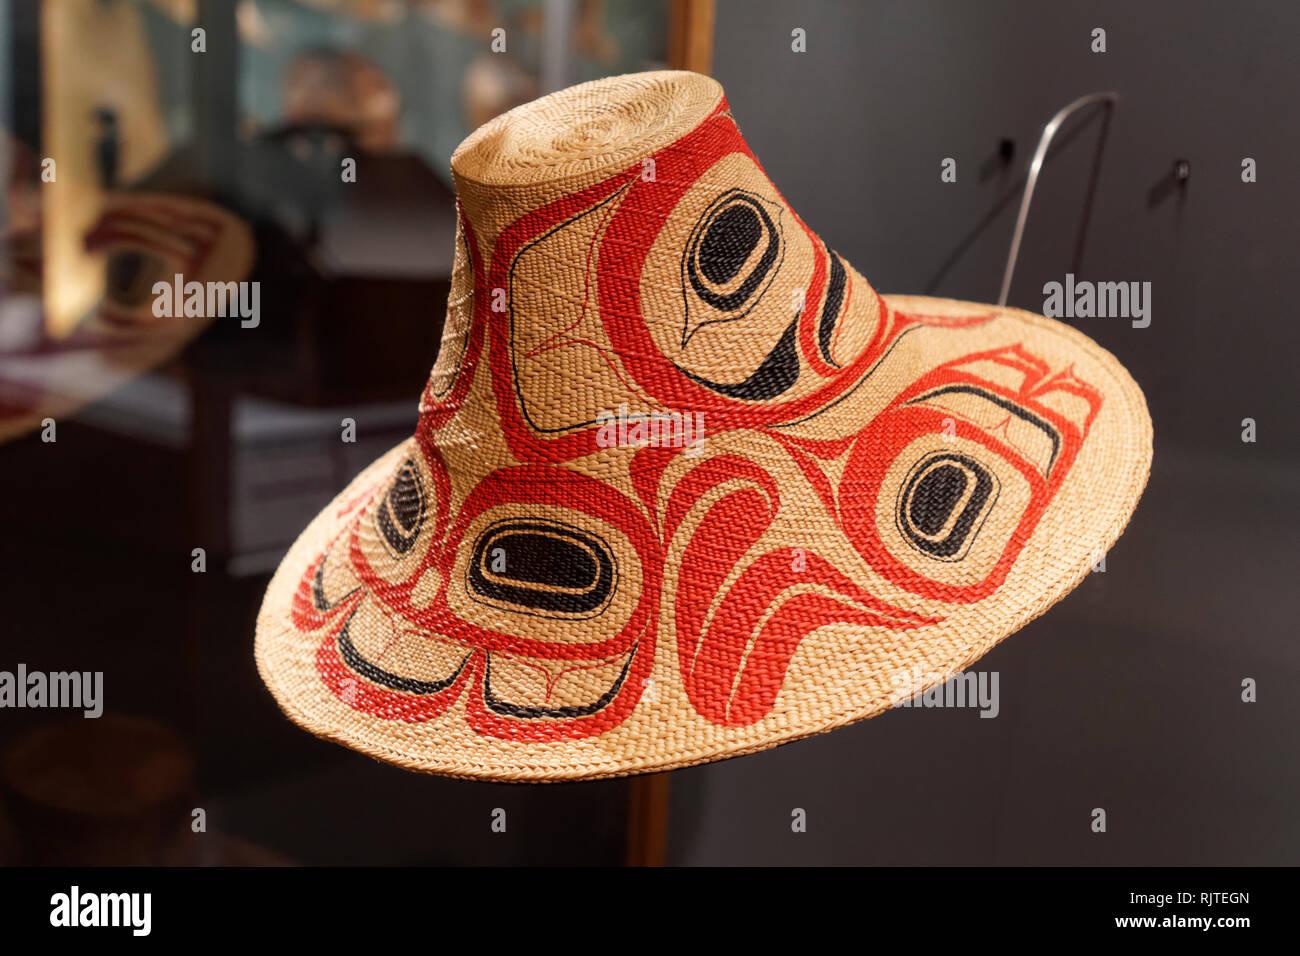 Haida tradizionali Prime Nazioni rosso e nero in tessuto di radice di abete  raven hat 6644ec5a61ac